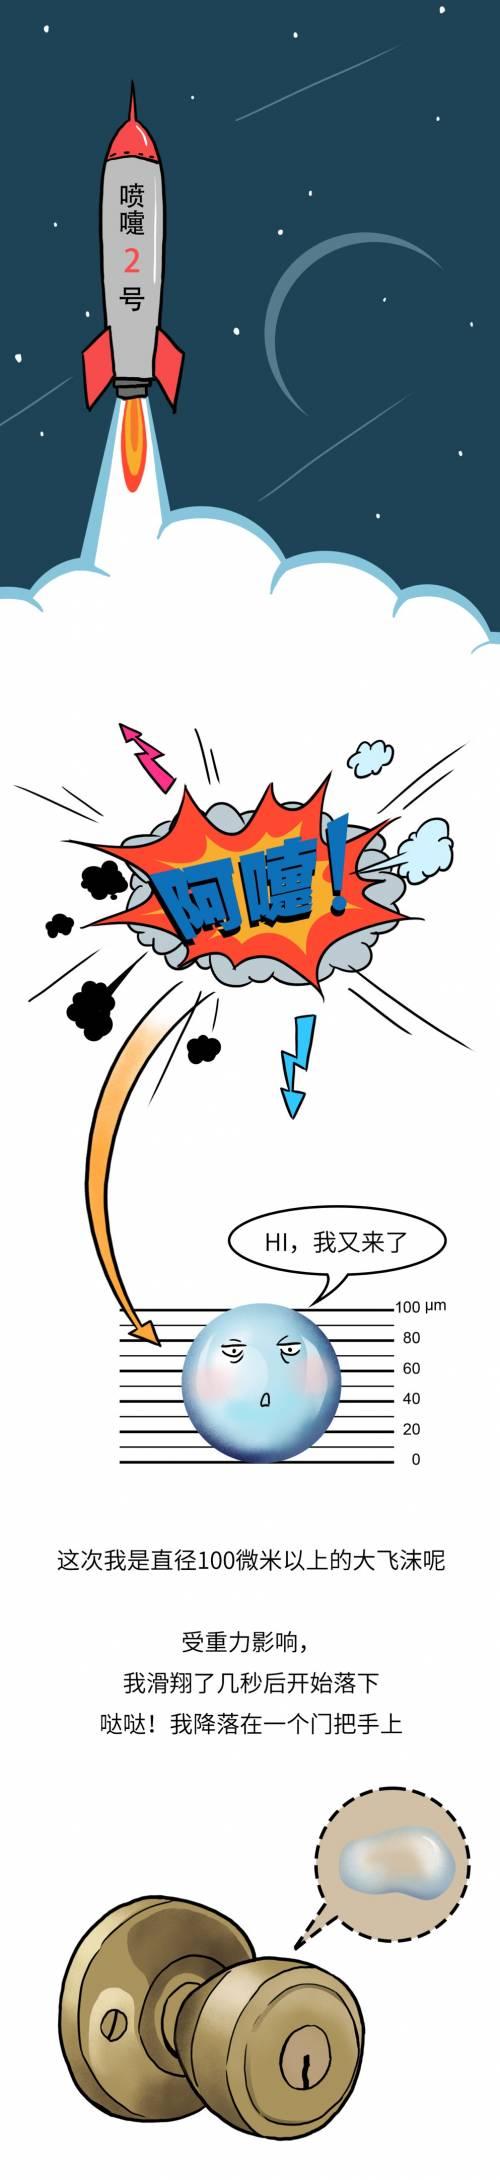 膝盖骨刺_【漫画】新冠病毒是怎么入侵人体的!_平安好医生